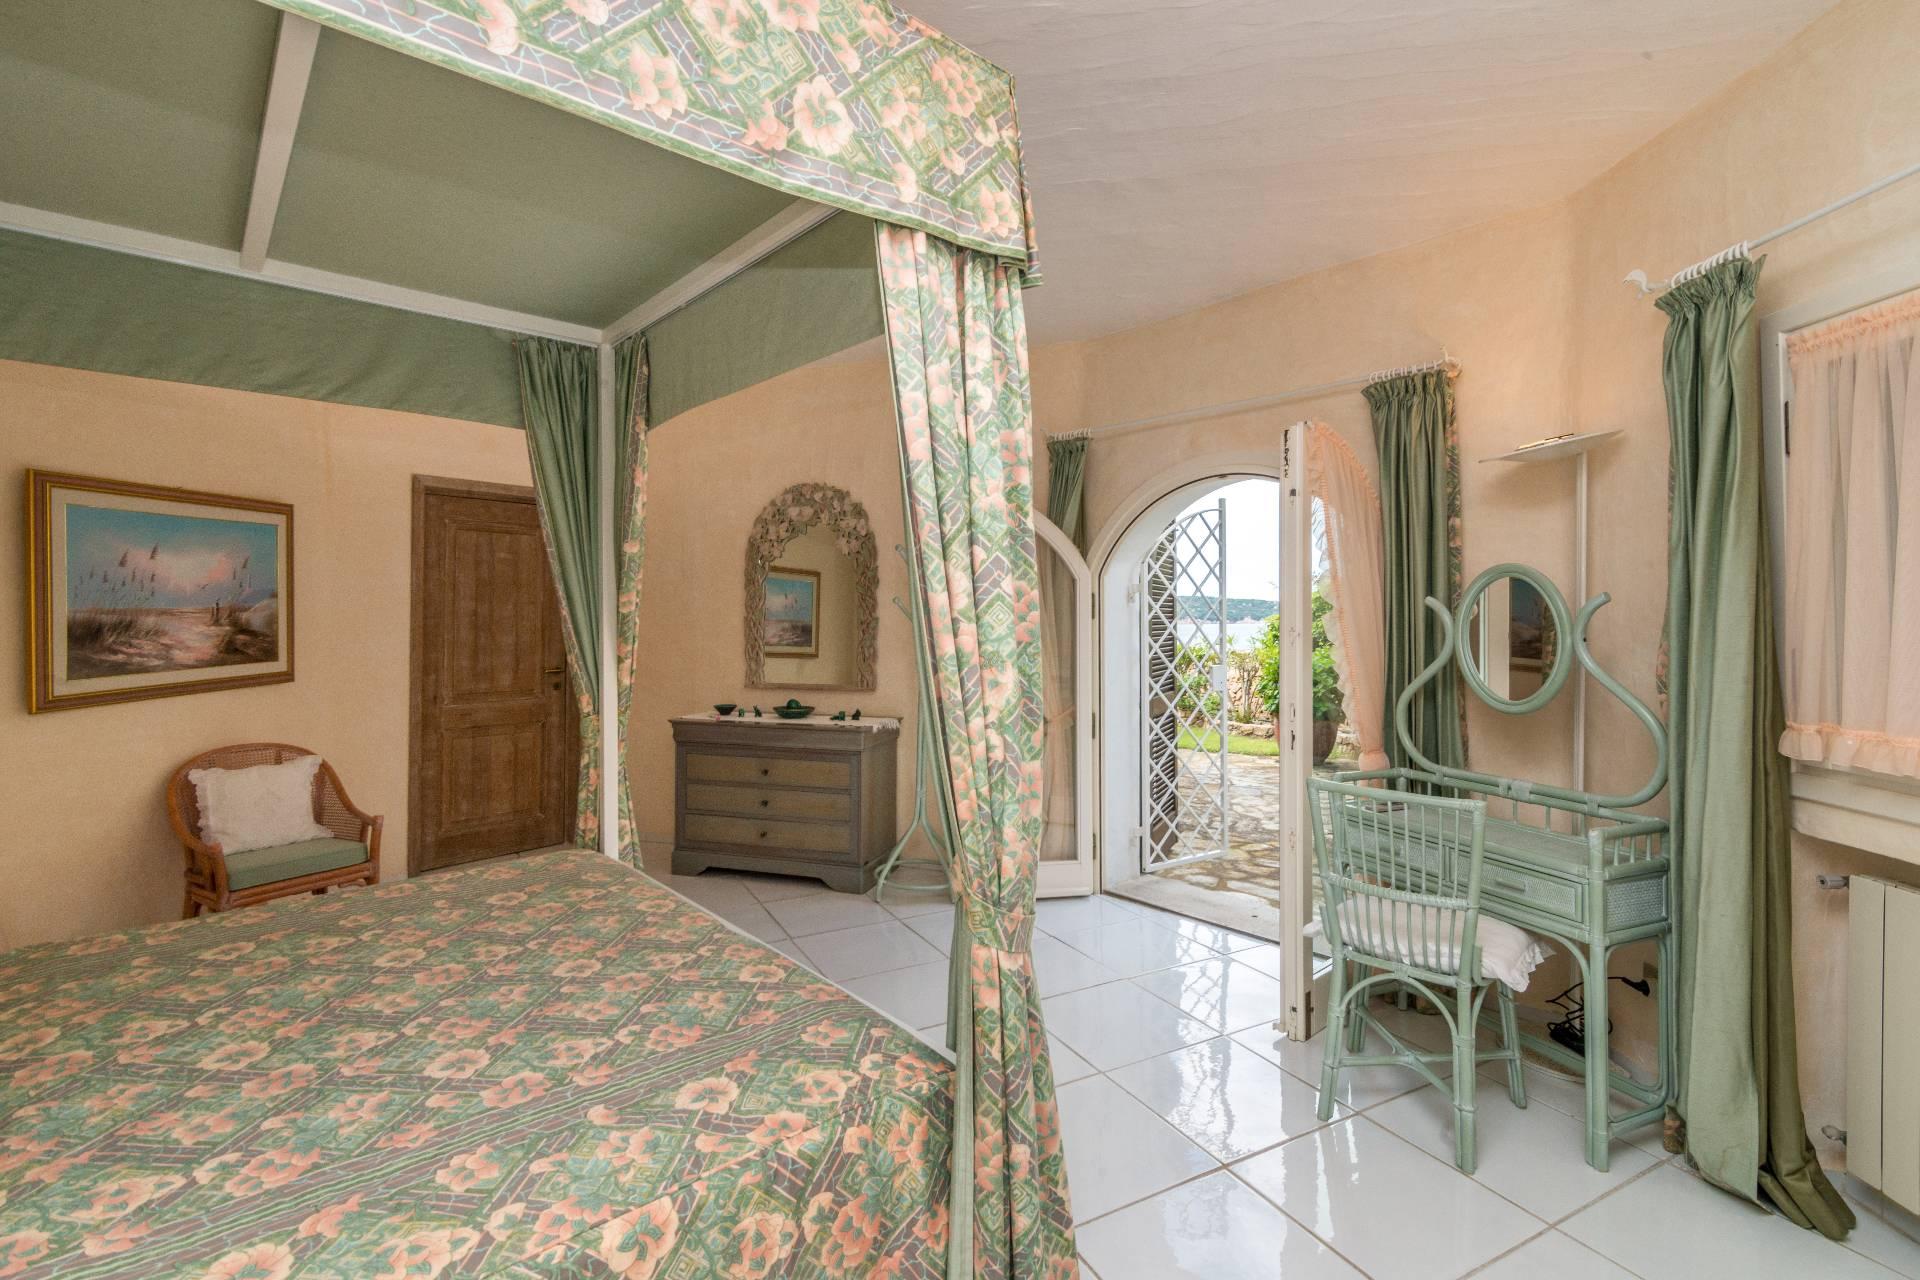 Villa in Vendita a Arzachena: 5 locali, 300 mq - Foto 15